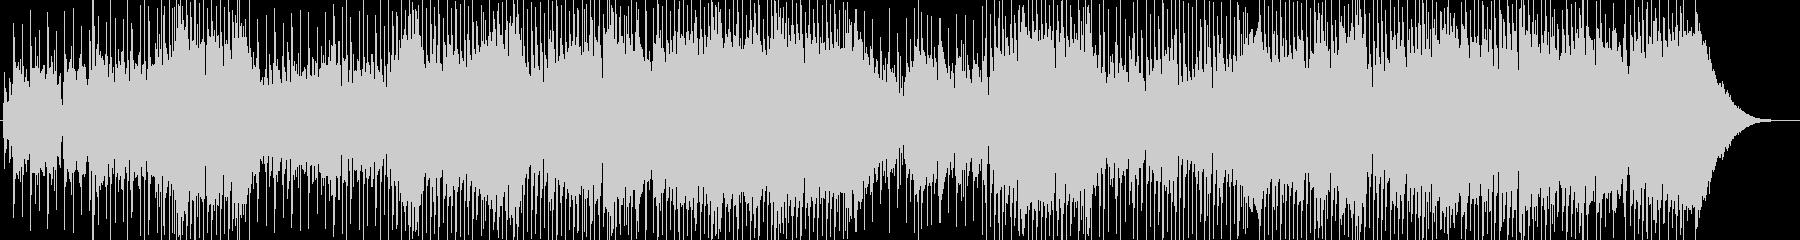 ギターとブルースハープのハードロックの未再生の波形